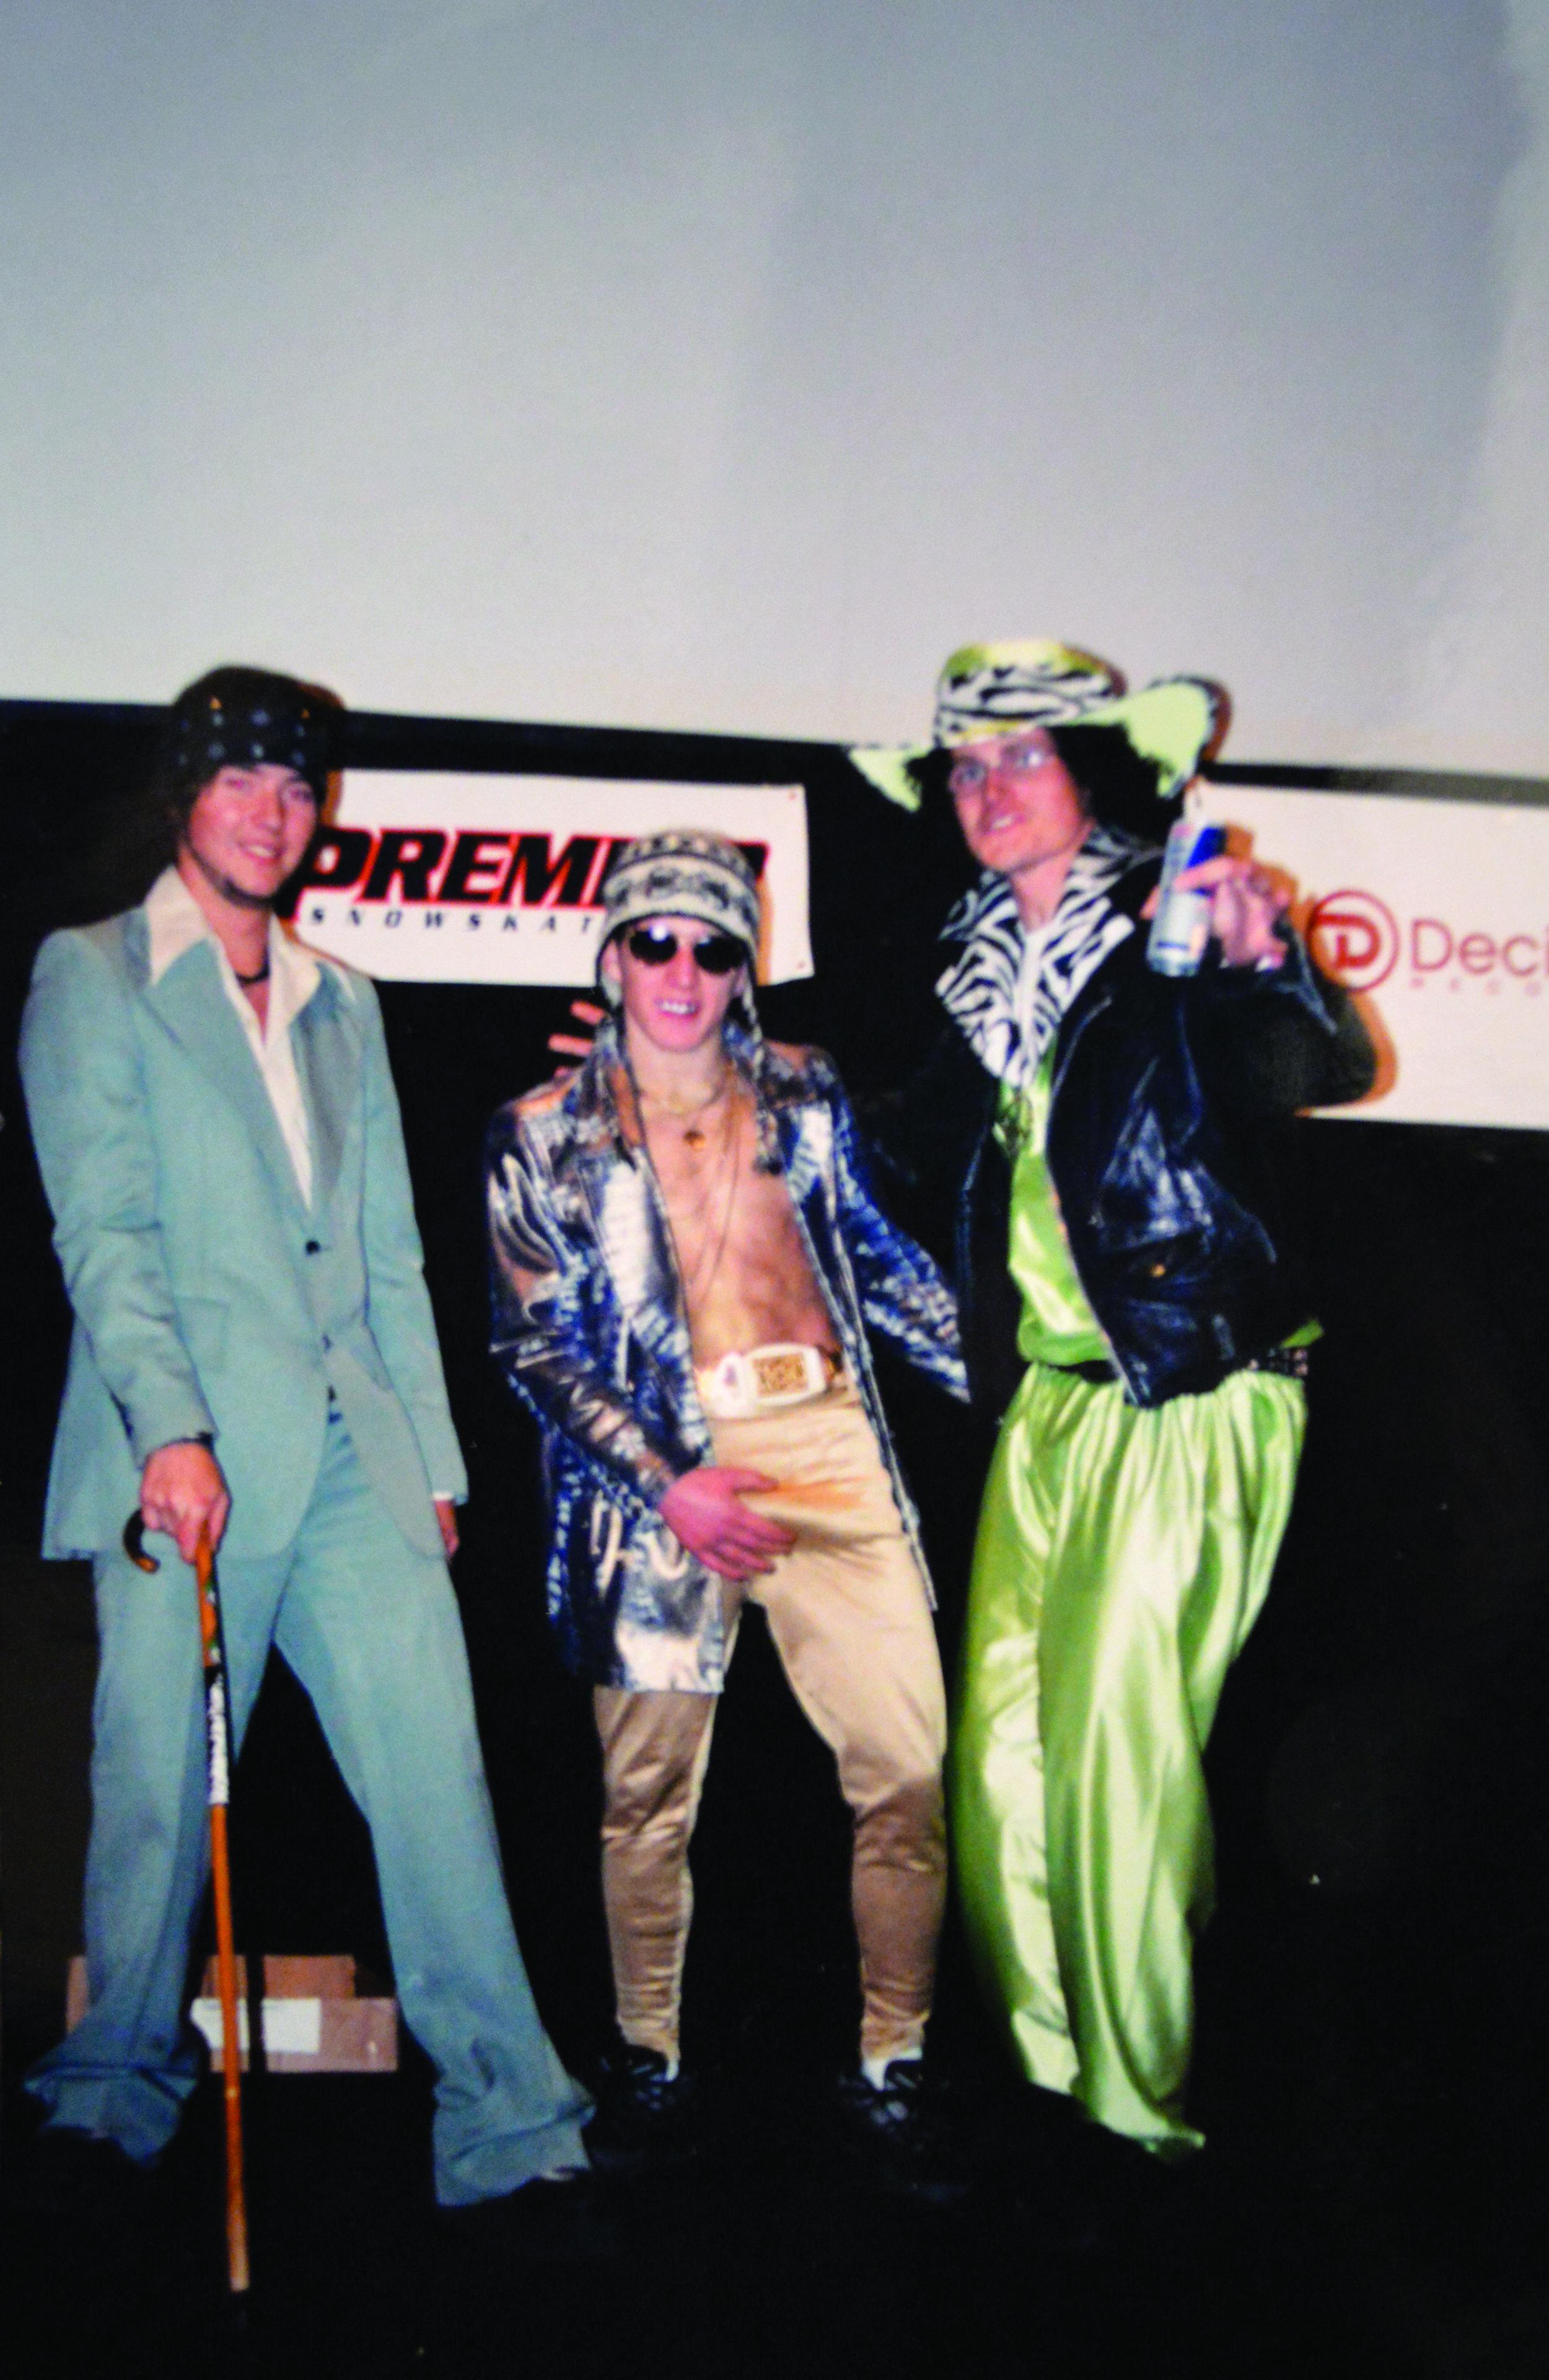 Bill, Mark, mitch, premiere.JPG